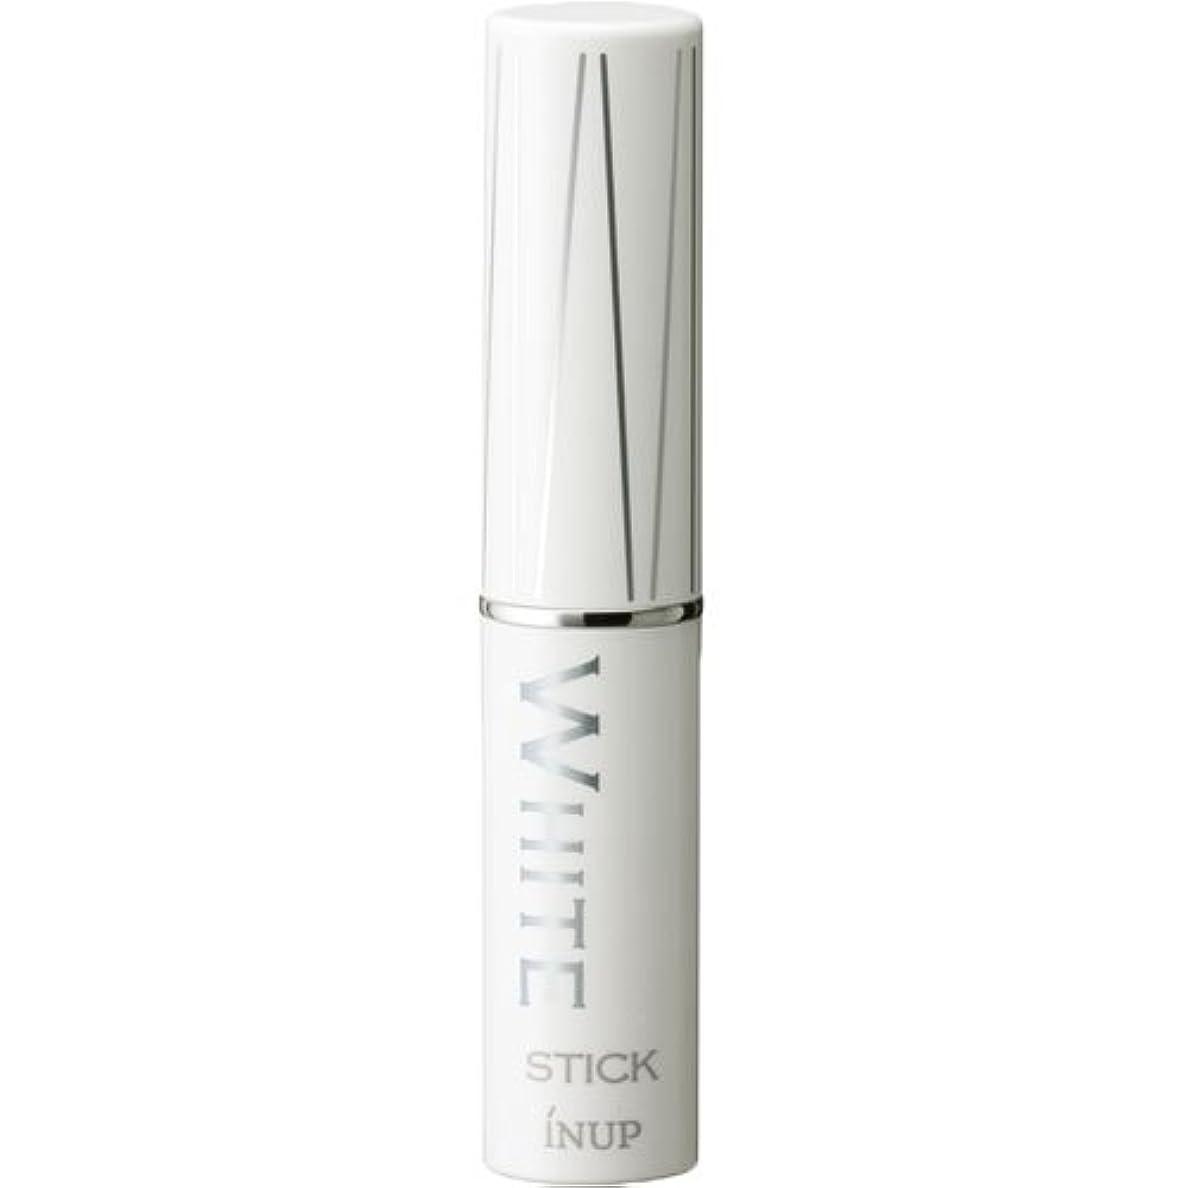 立派なキリマンジャロペダルインナップ 美容スティック ビタミンC誘導体85% 配合 ホワイトスティック